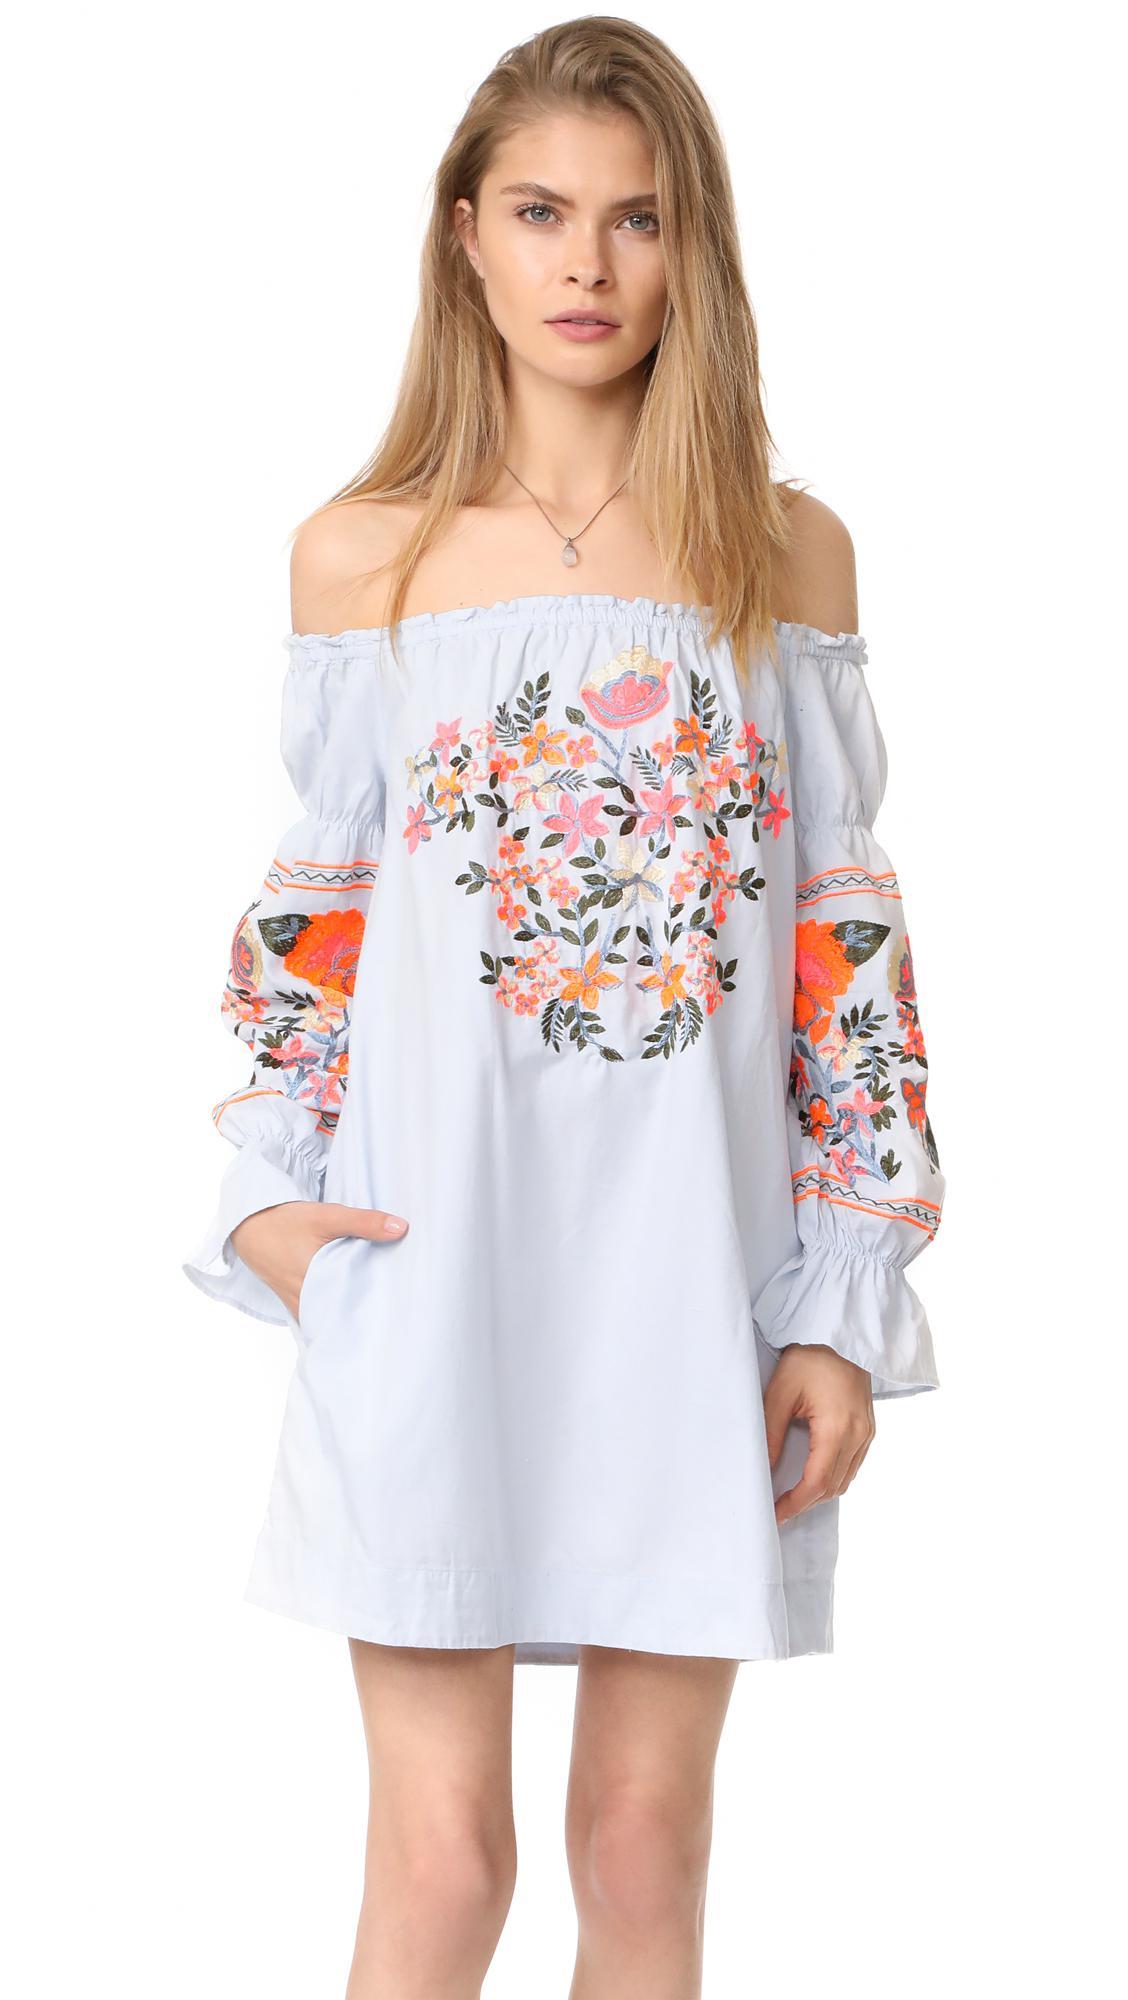 b34c0270897aa Free People Fleur Du Jour Mini Dress in Blue - Lyst